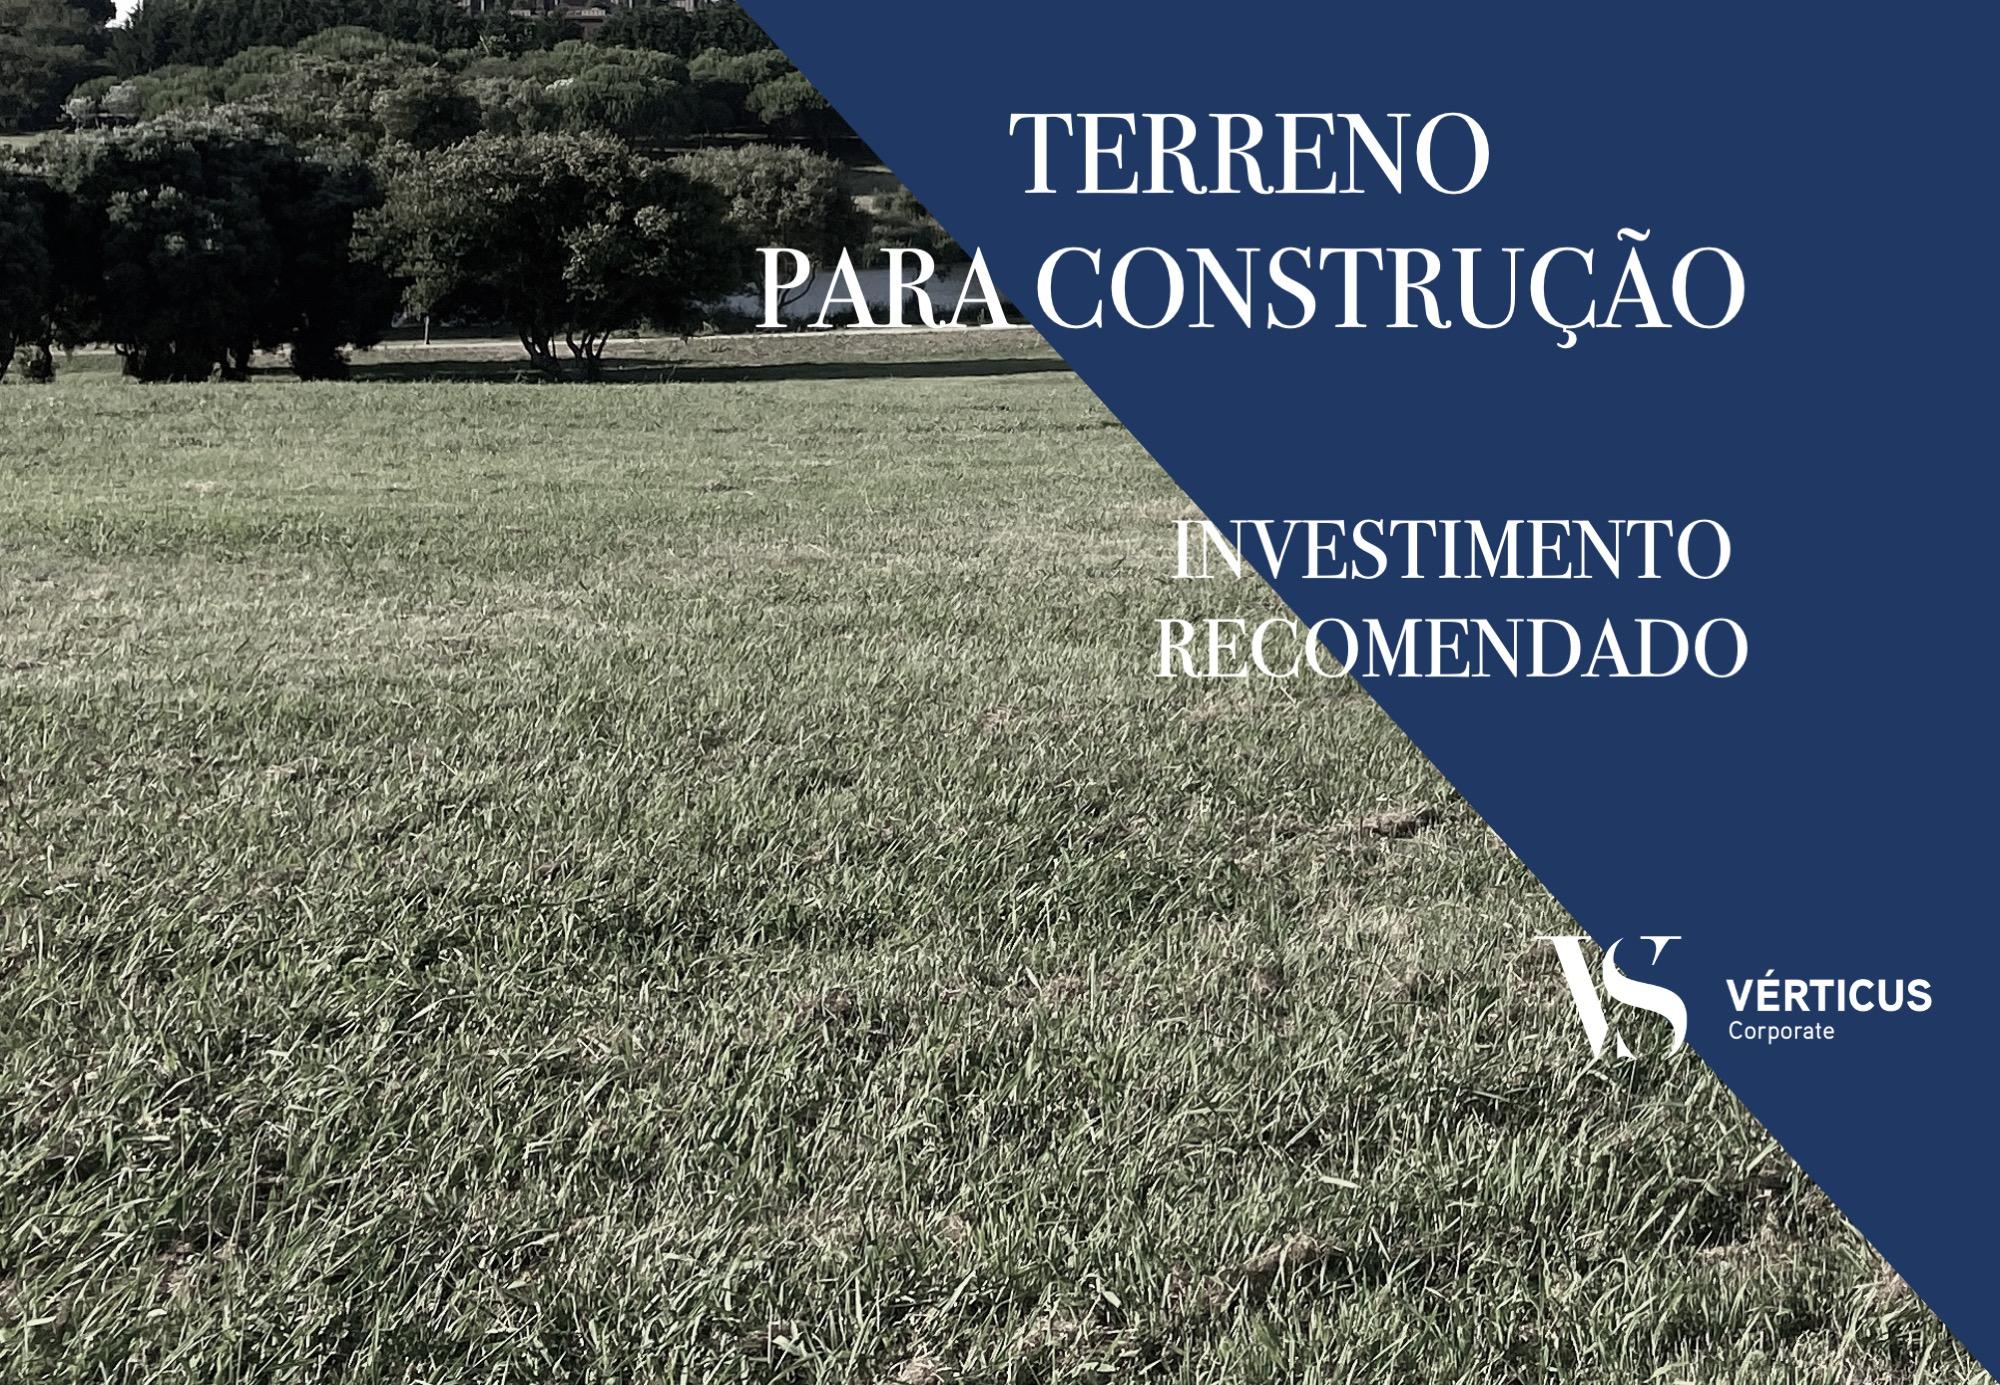 Terreno com P.I.P. aprovado em Campanhã (junto ao futuro Matadouro).